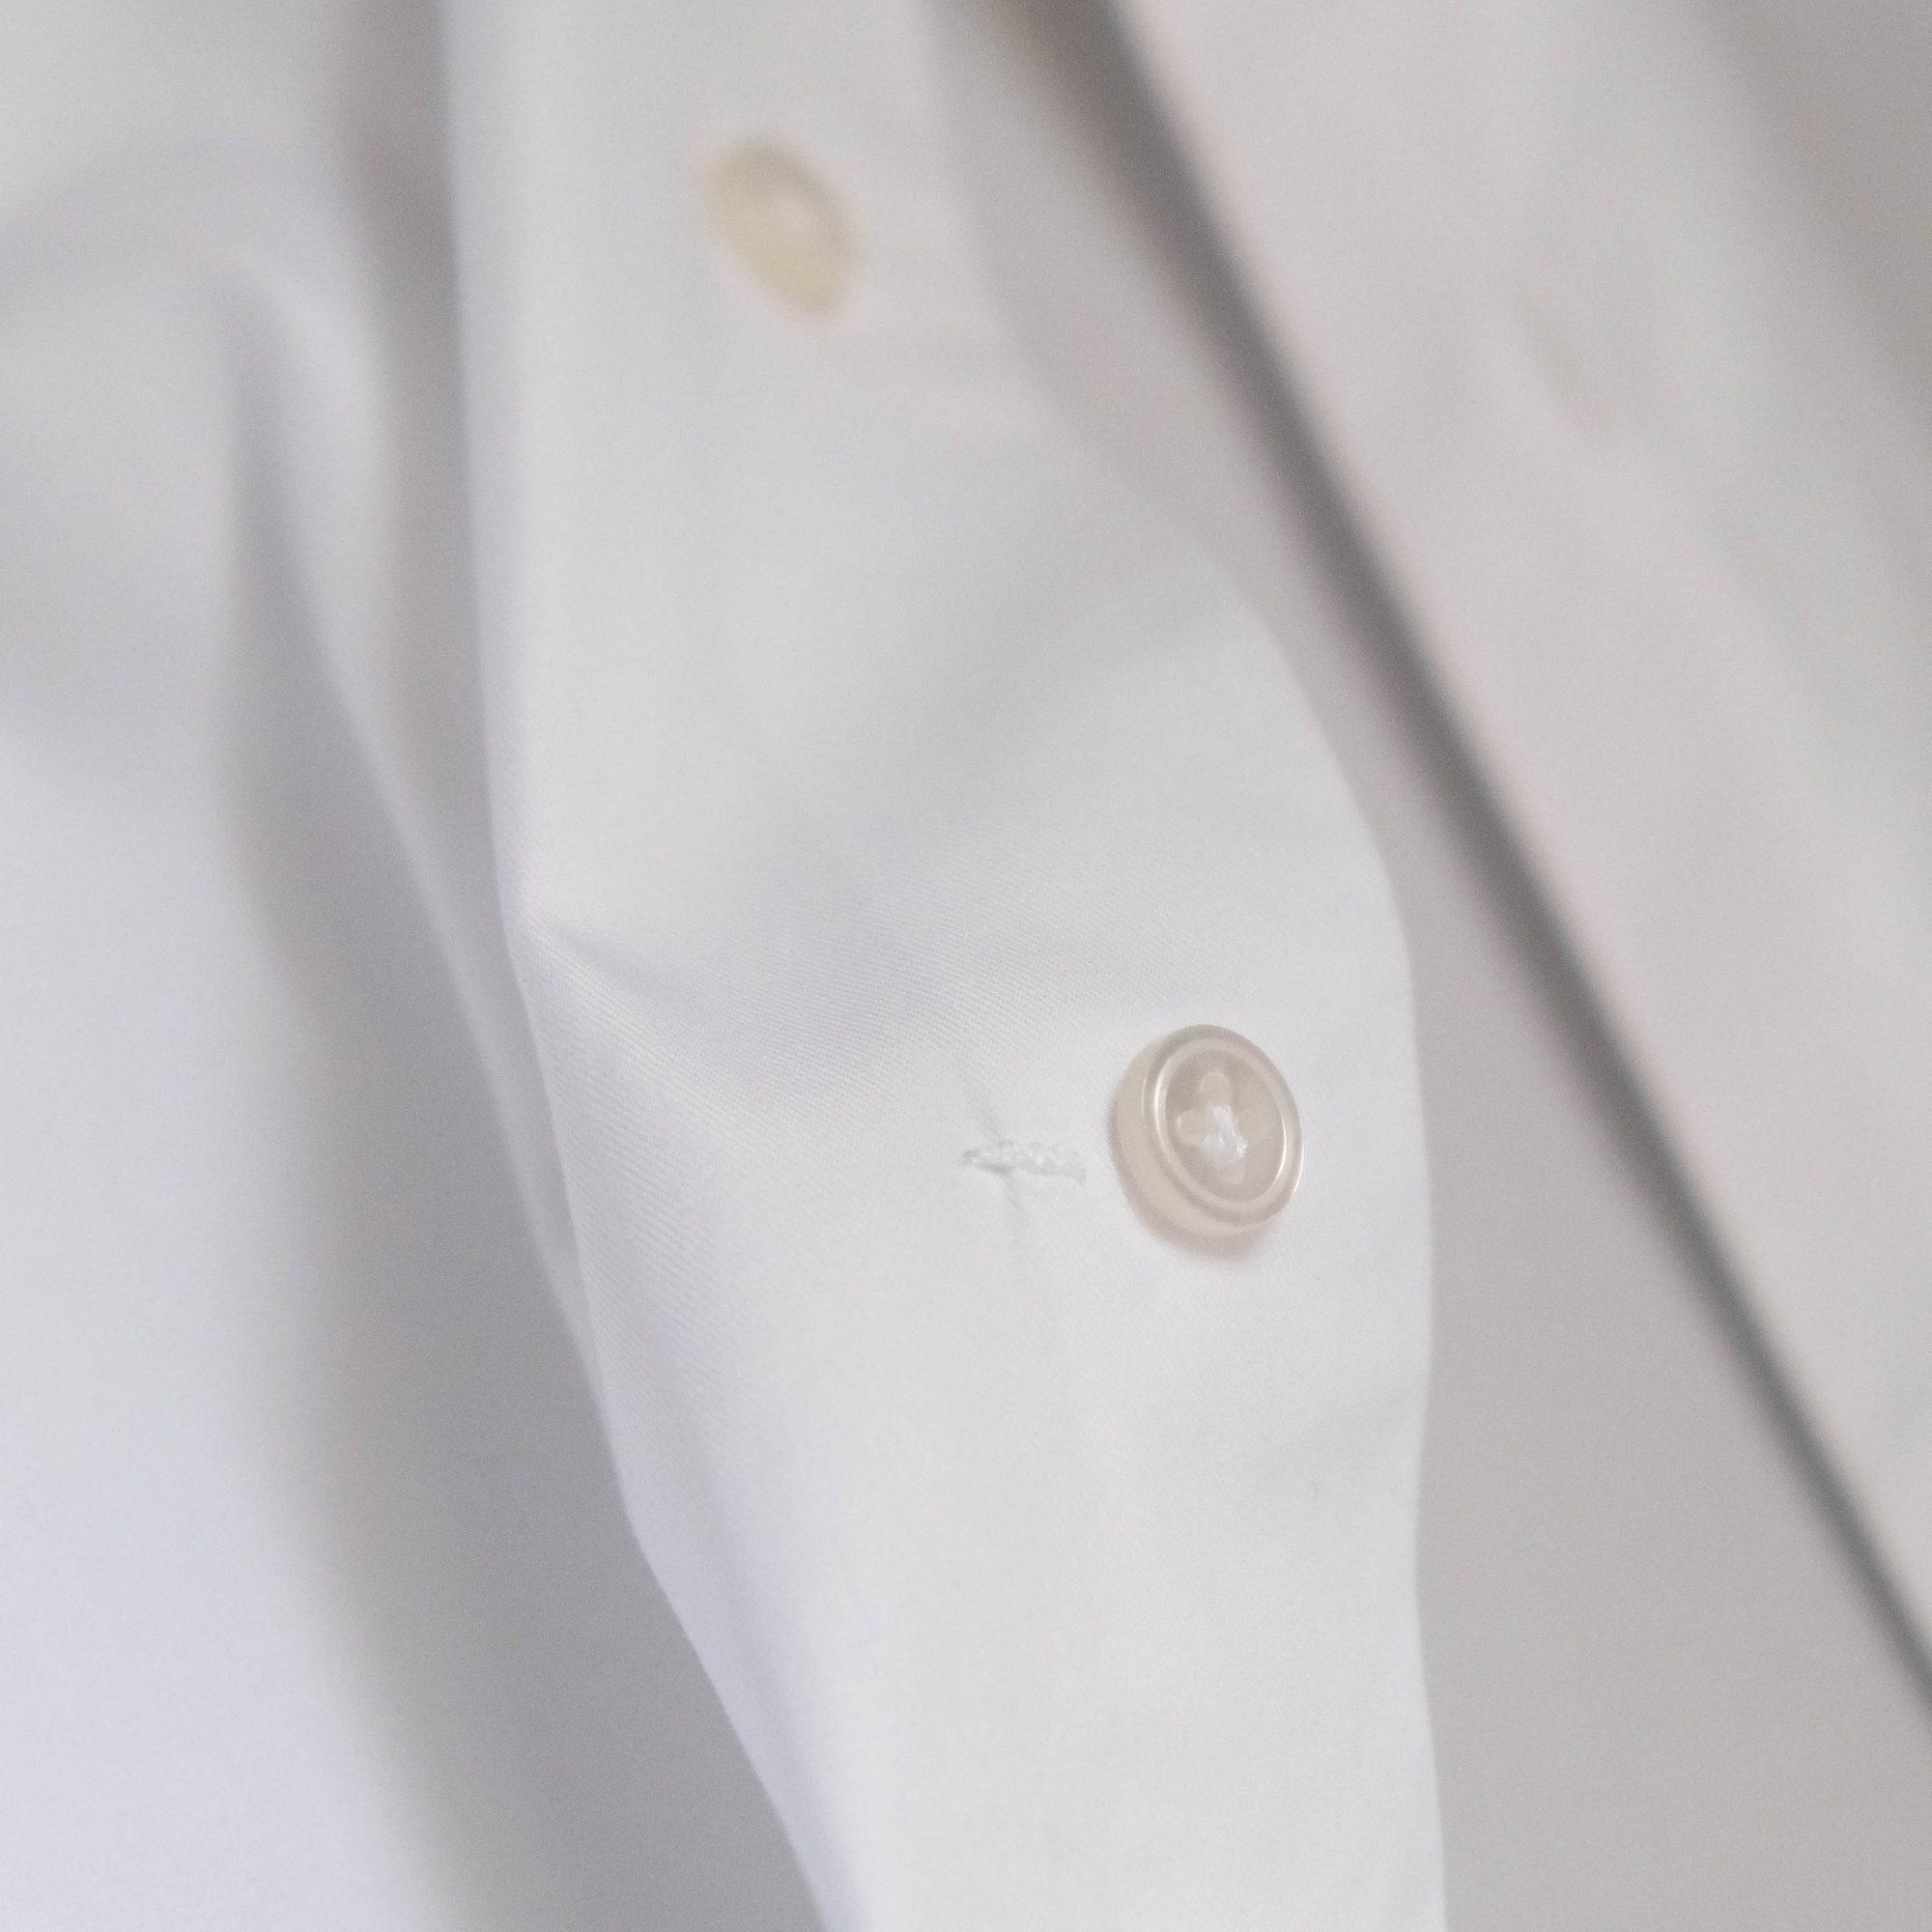 le travetto du quatrième bouton principal sur une chemise Avino Laboratorio Napoletano